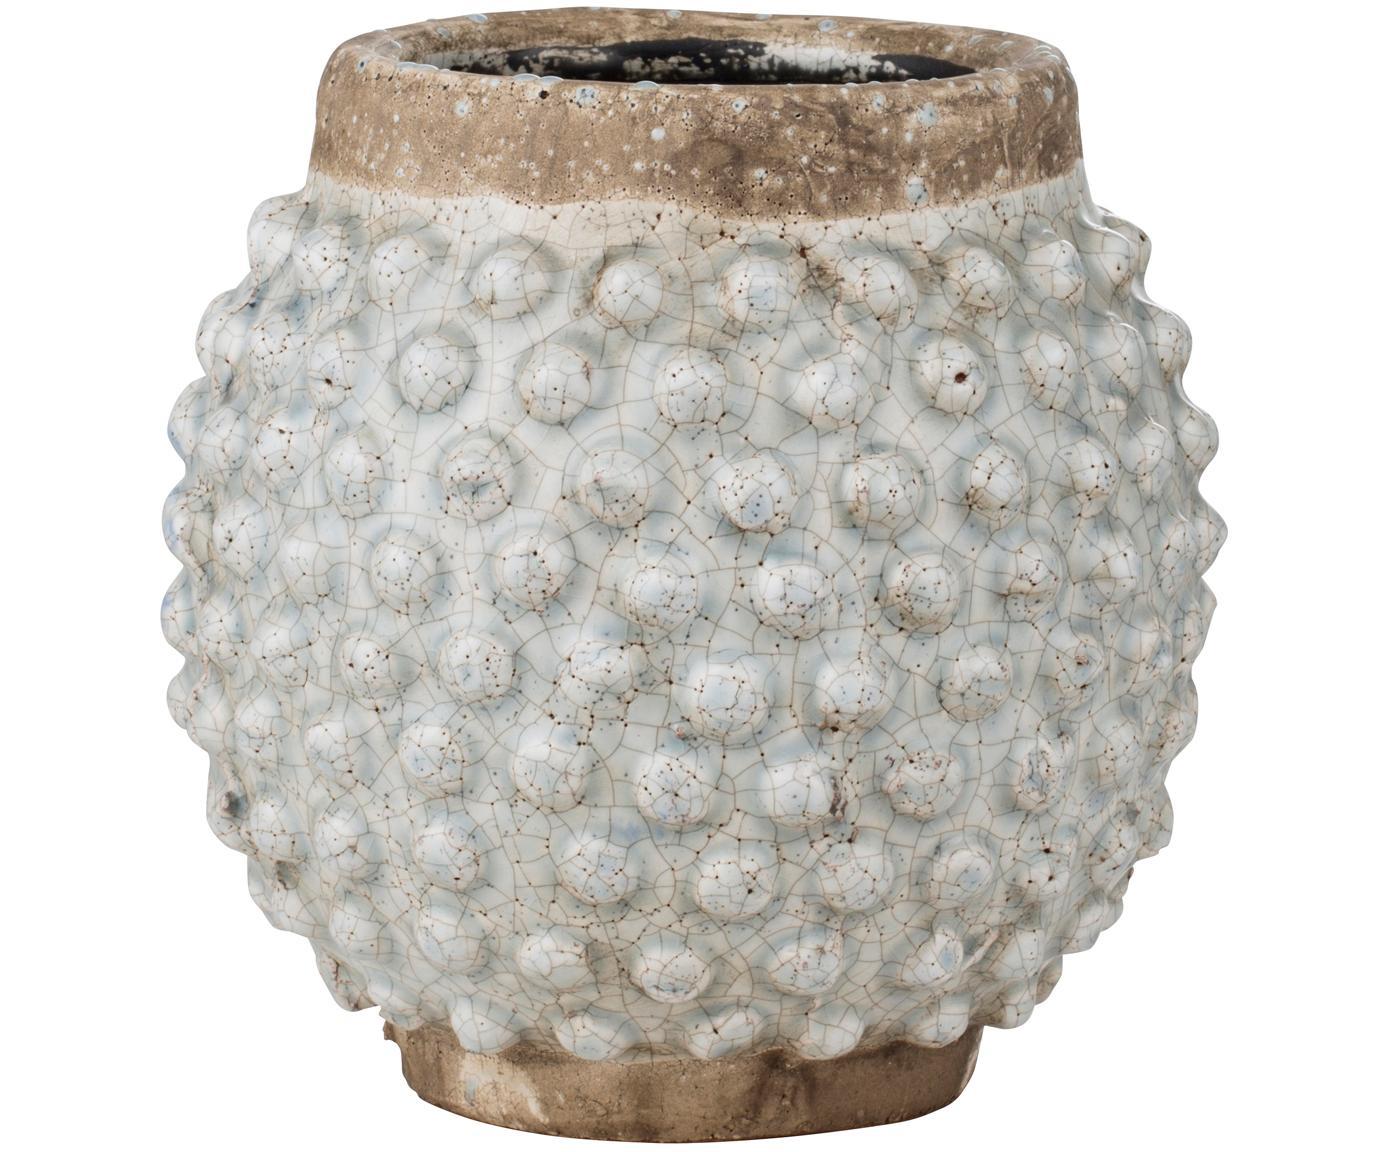 Übertopf Magna, Keramik, glasiert, Braun, Blau, Ø 20 x H 19 cm